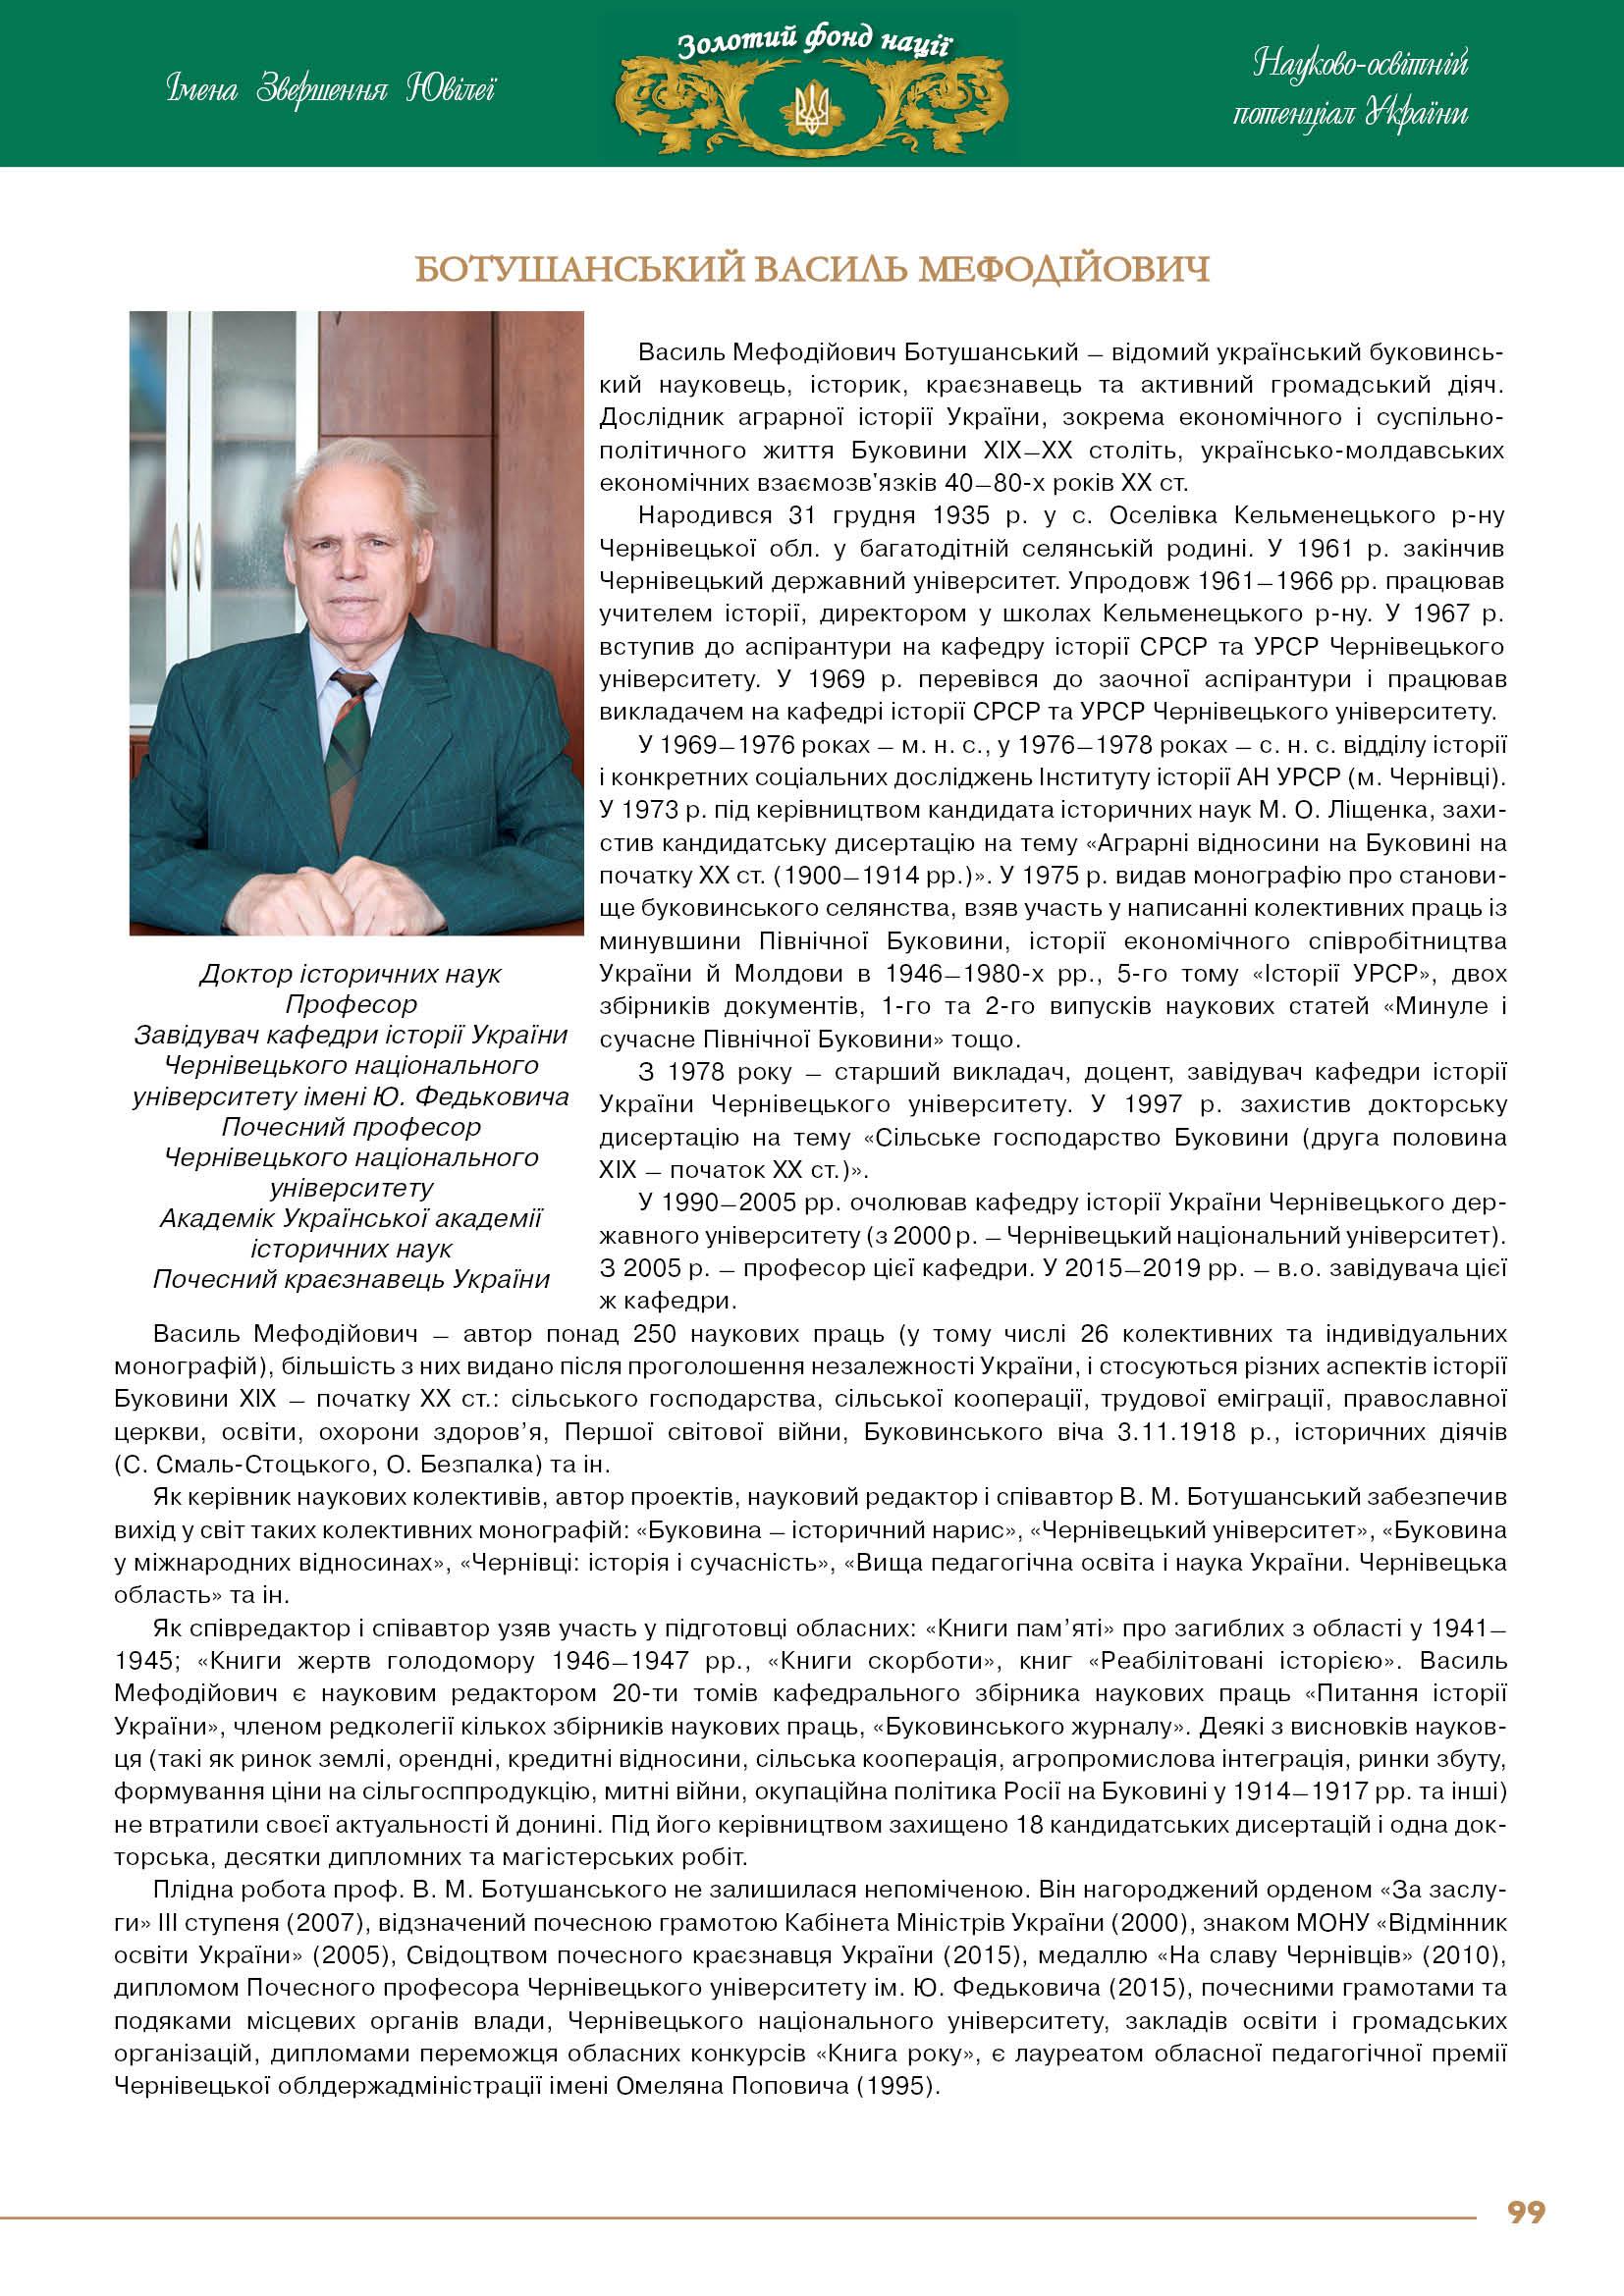 Ботушанський Василь Мефодійович